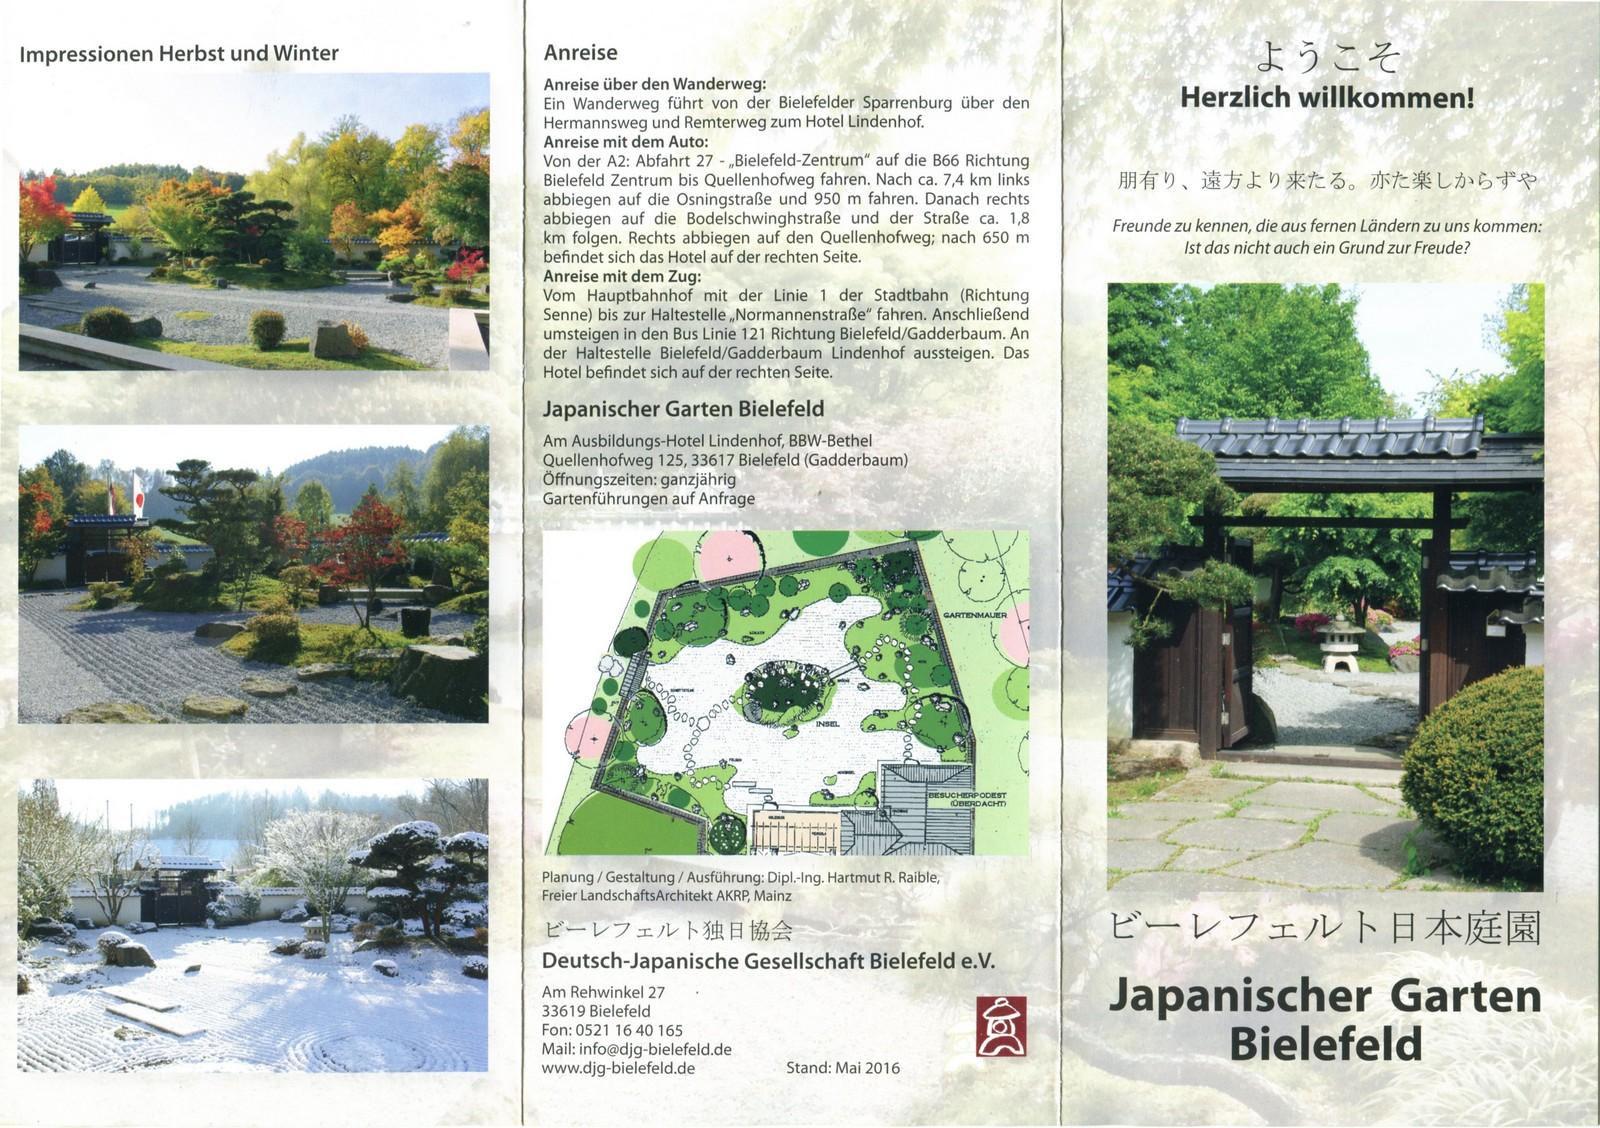 japanischer garten bielefeld deutsch japanische. Black Bedroom Furniture Sets. Home Design Ideas